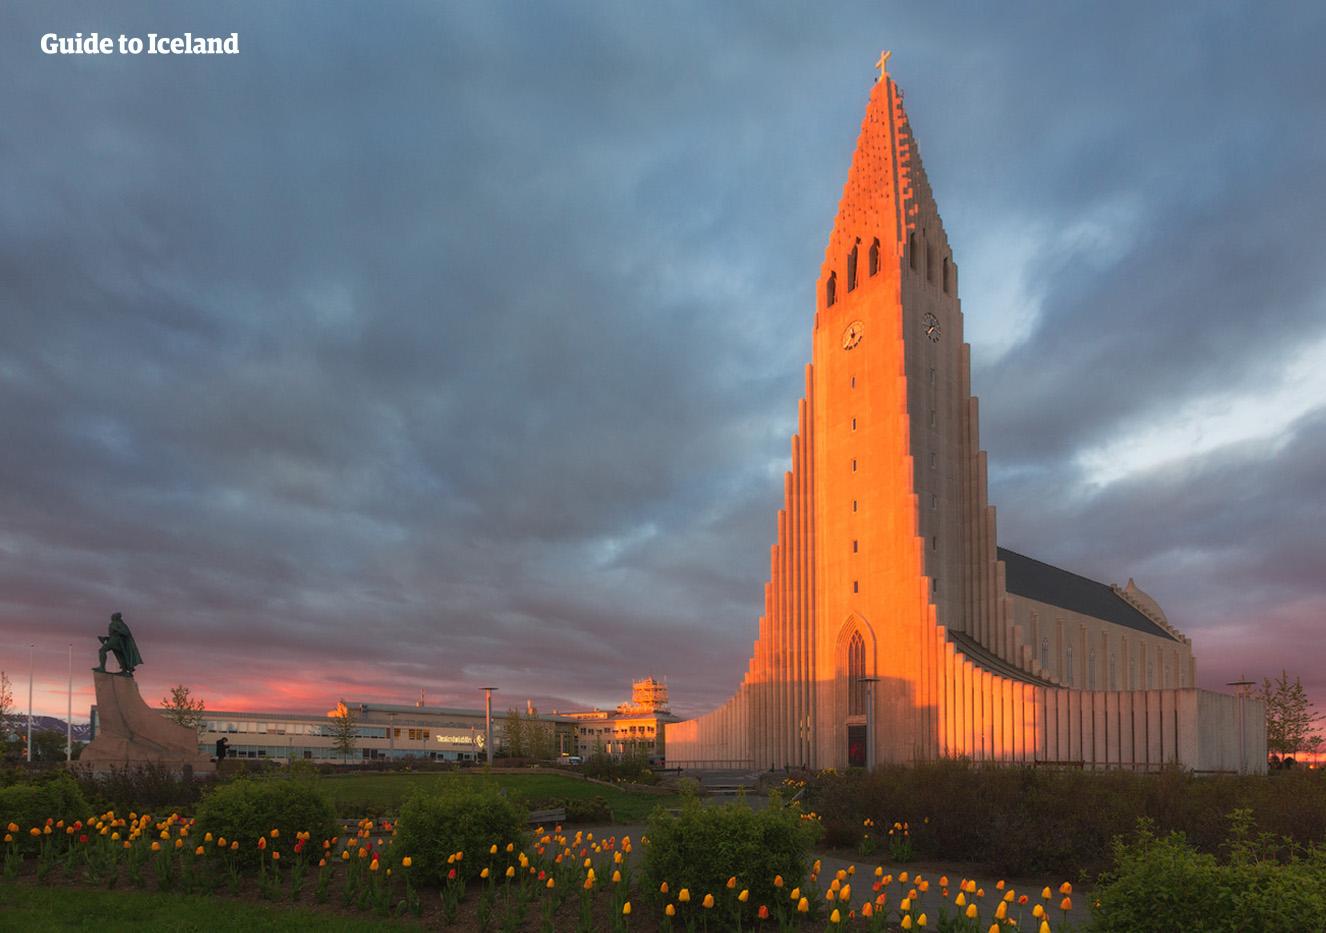 利用冰岛夏季超长的日照好好享受雷克雅未克,去酒吧、餐厅、咖啡店体验地道冰岛